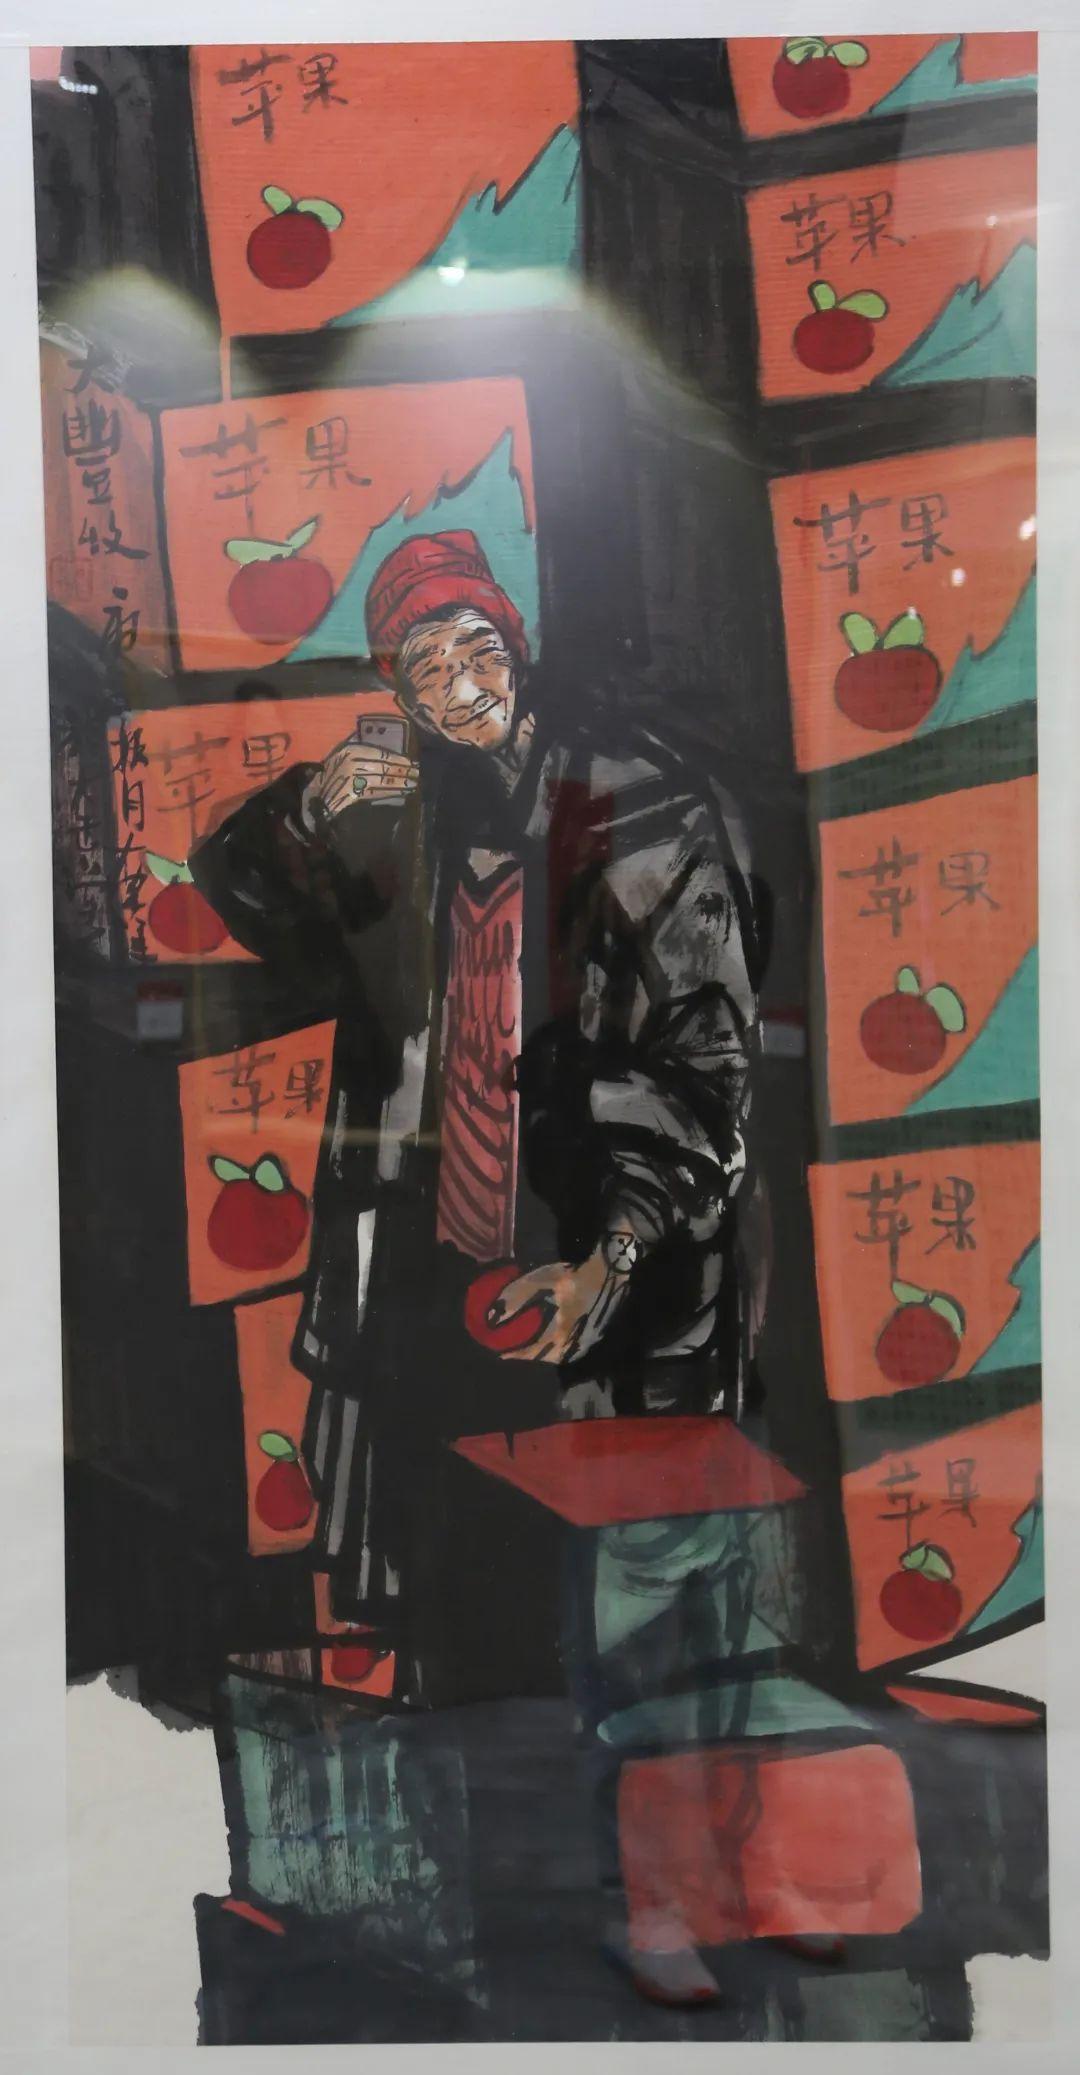 传承红色文化 携手共迎小康 苏皖两省六市书画展在蚌埠开幕(图20)